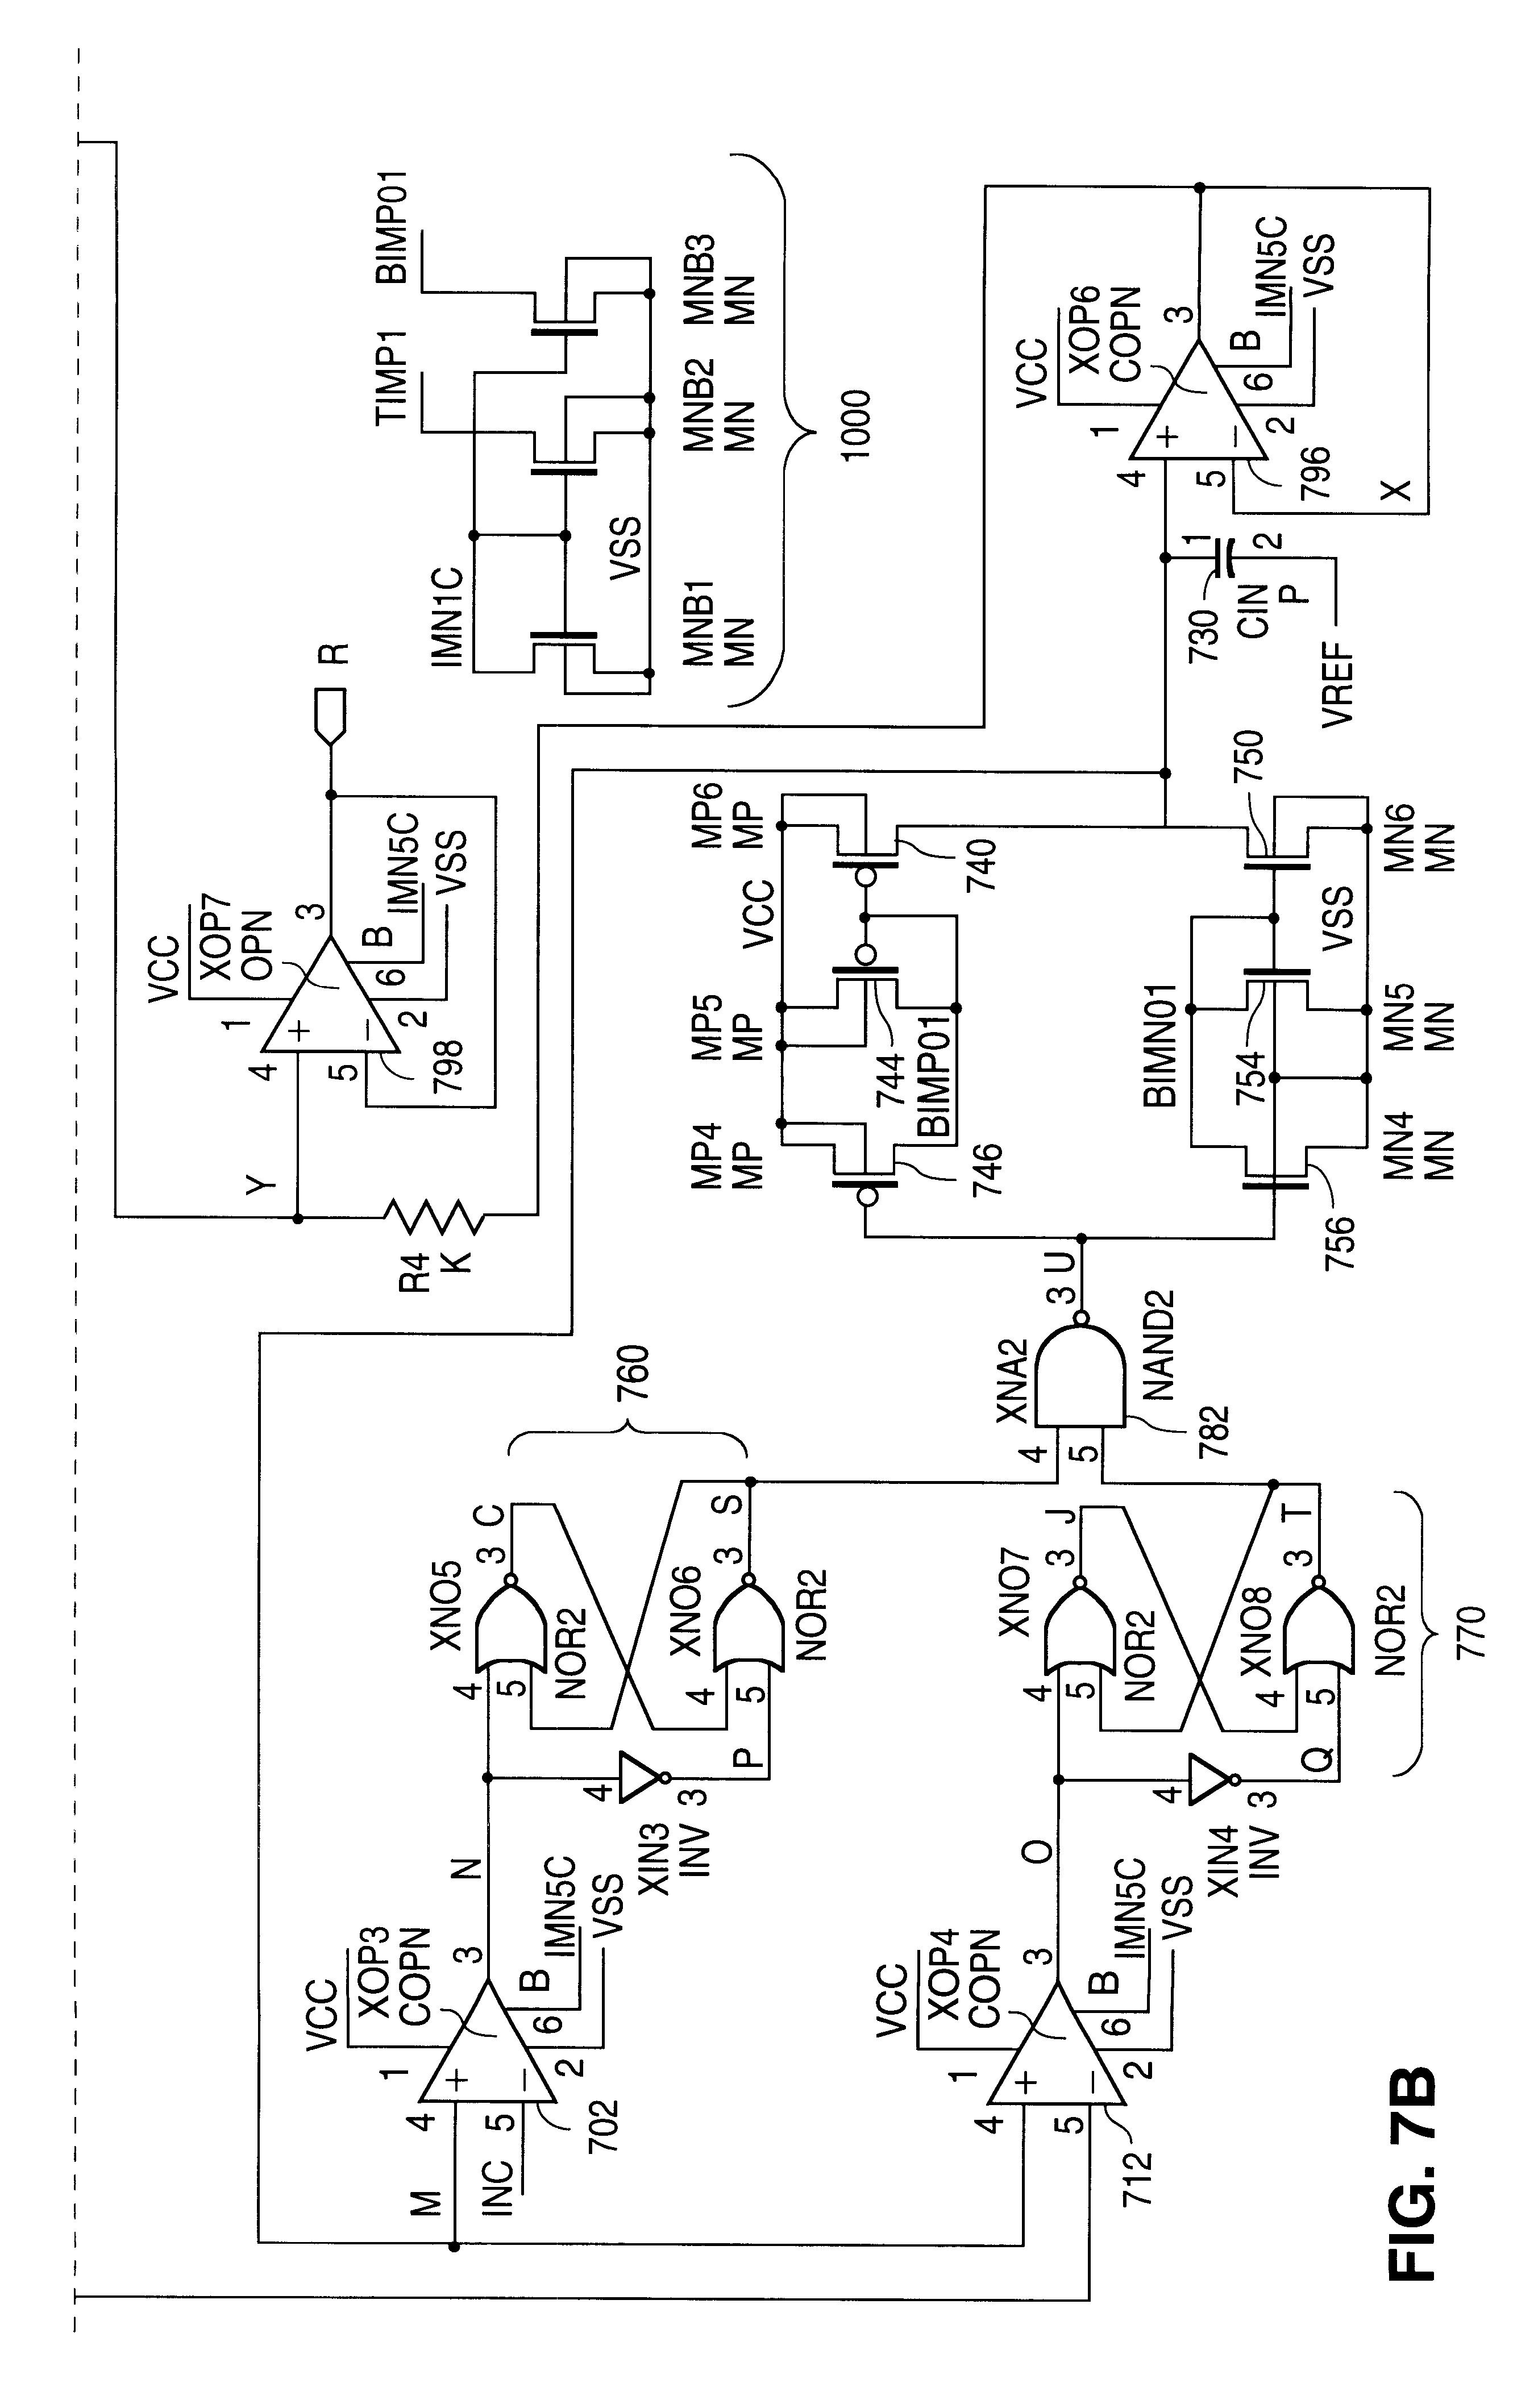 patent us6445233